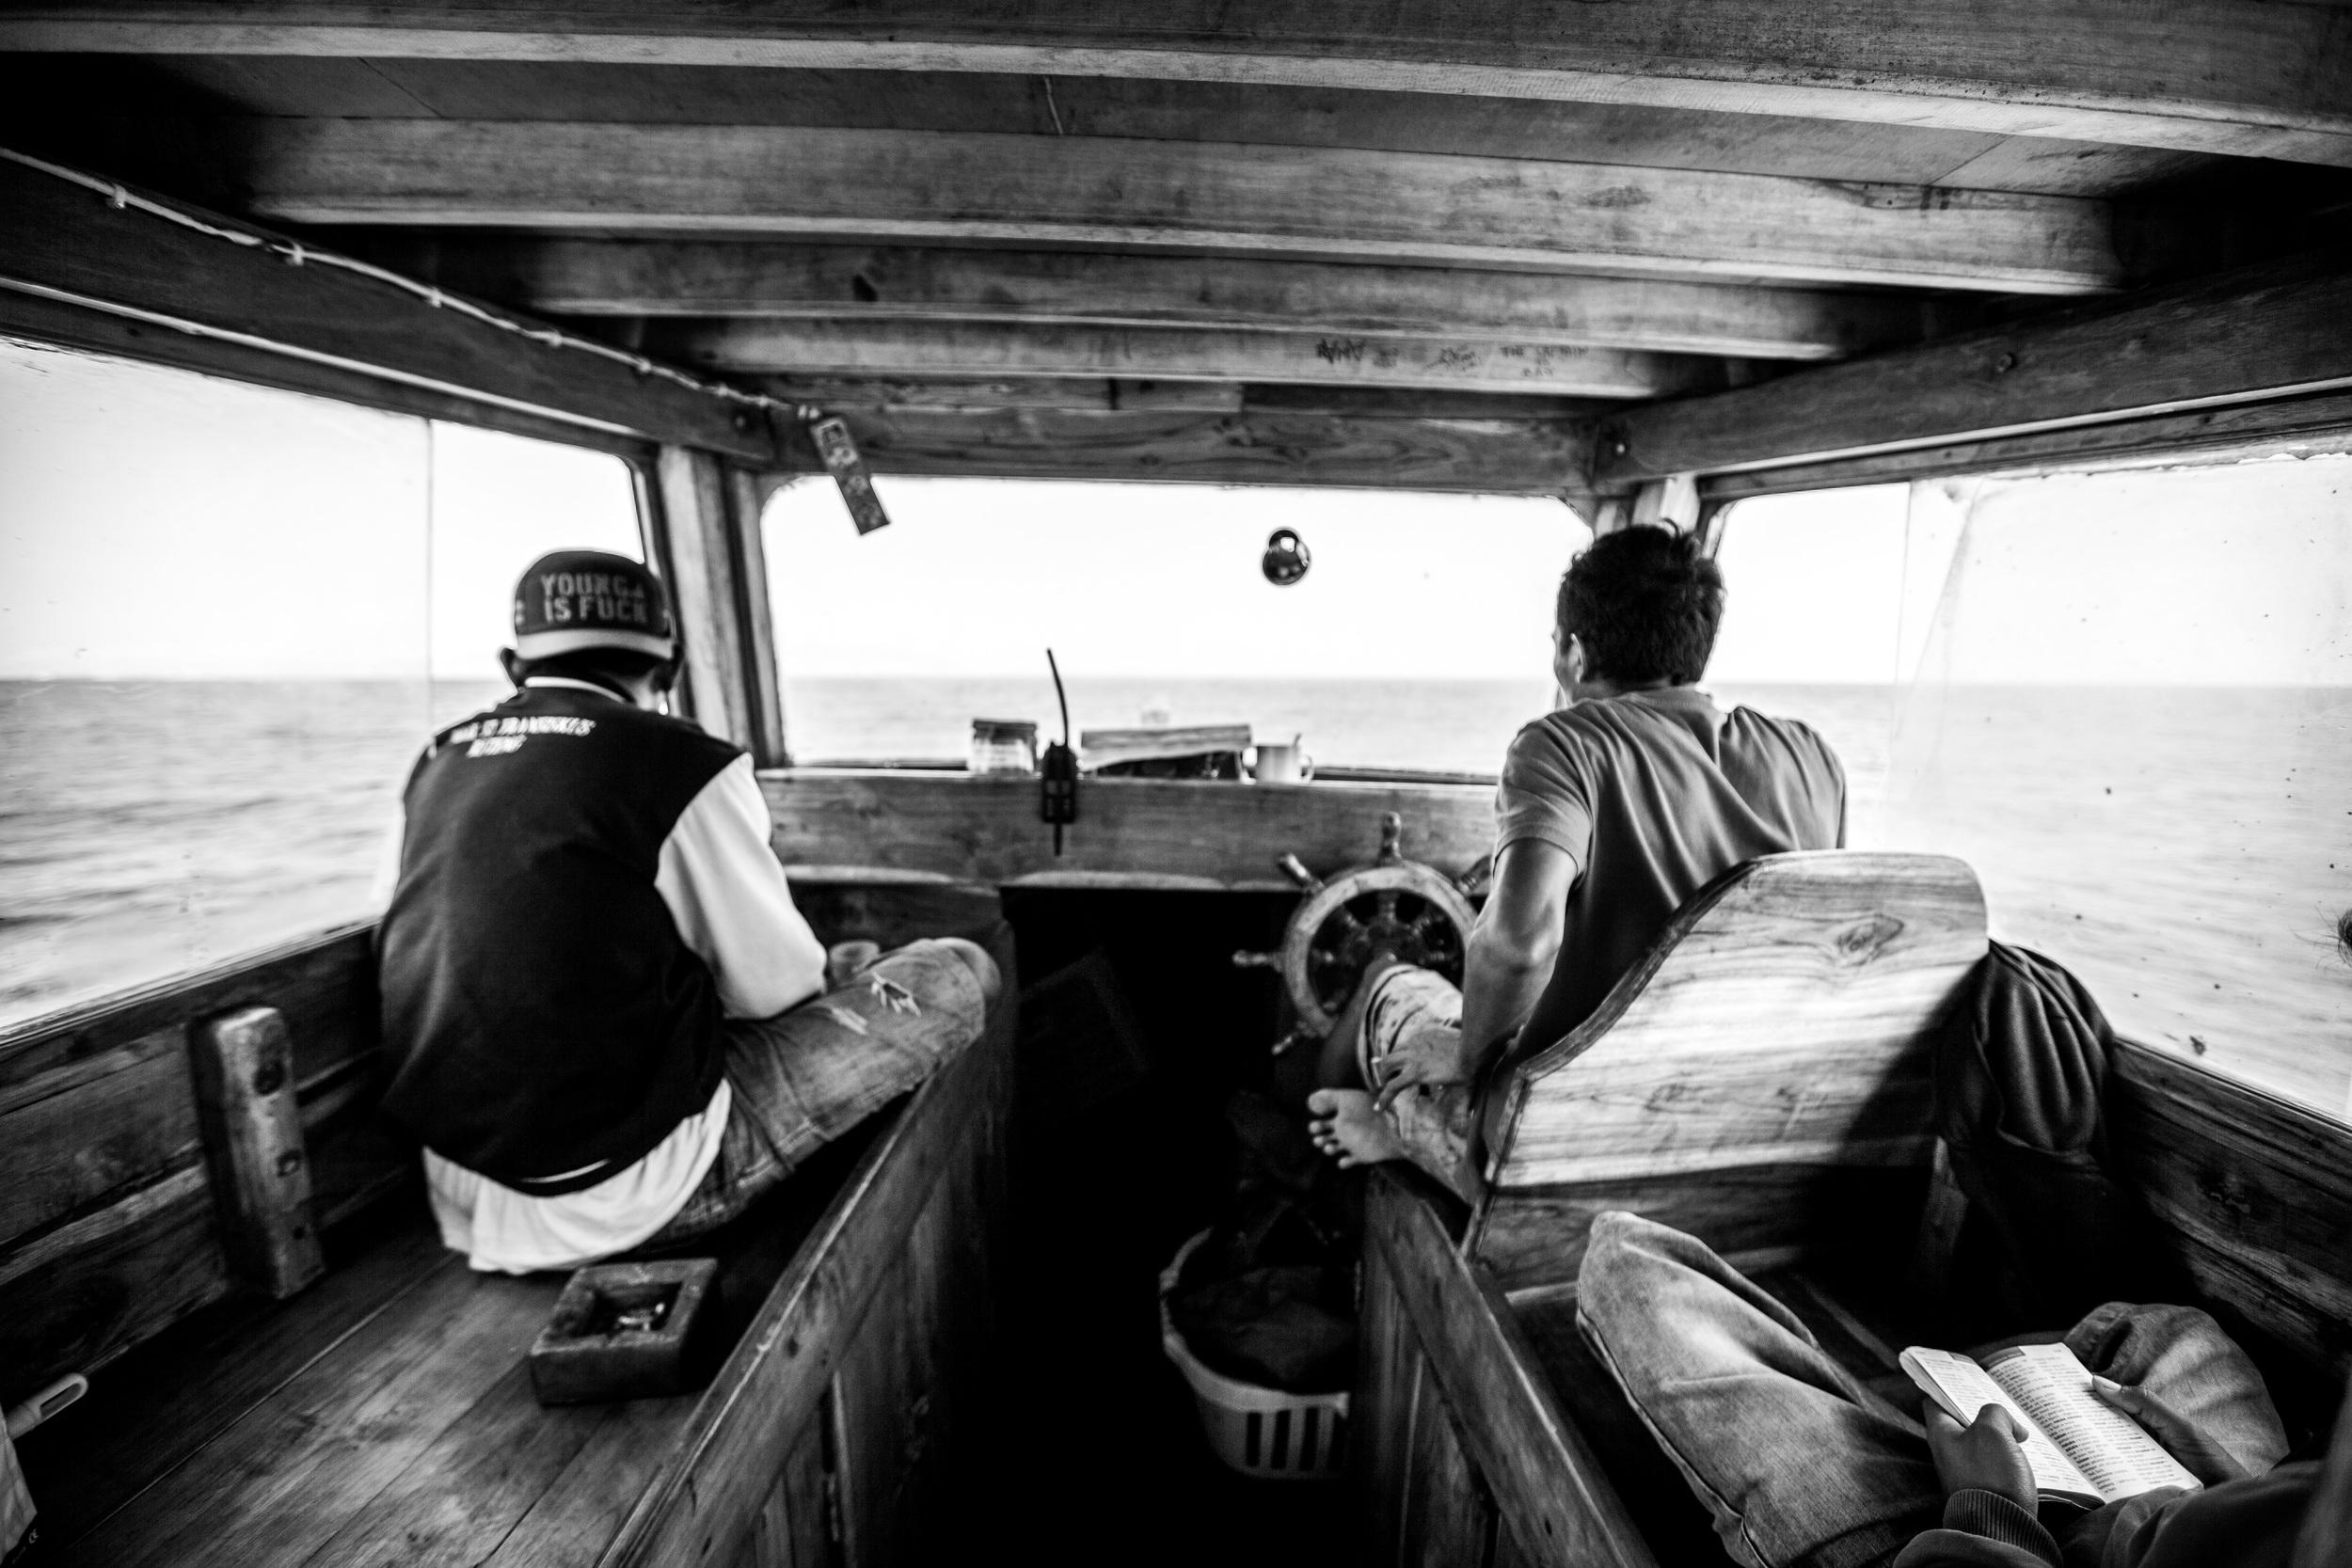 Komodo National Park, Flores, Indonesia